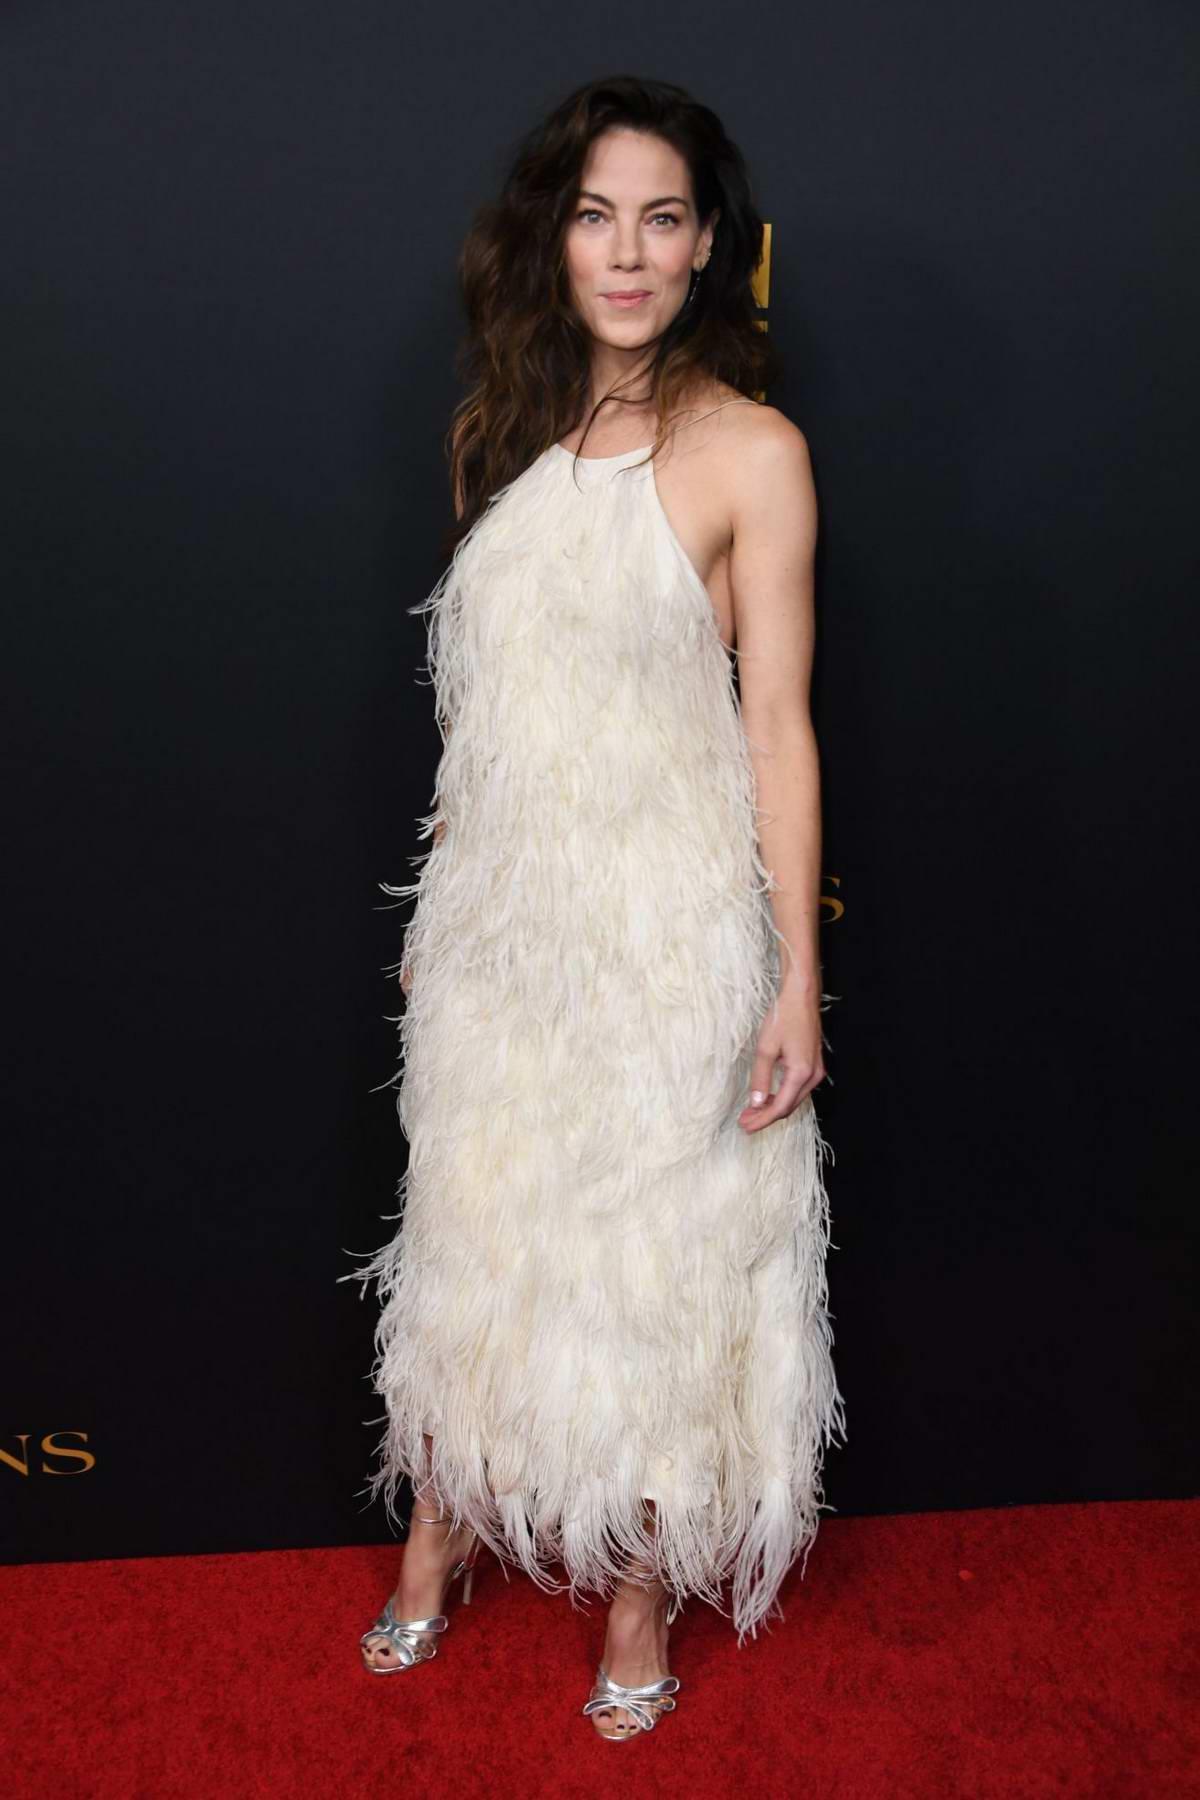 Мишель Монахэн (Michelle Monaghan) в платье с бахромой